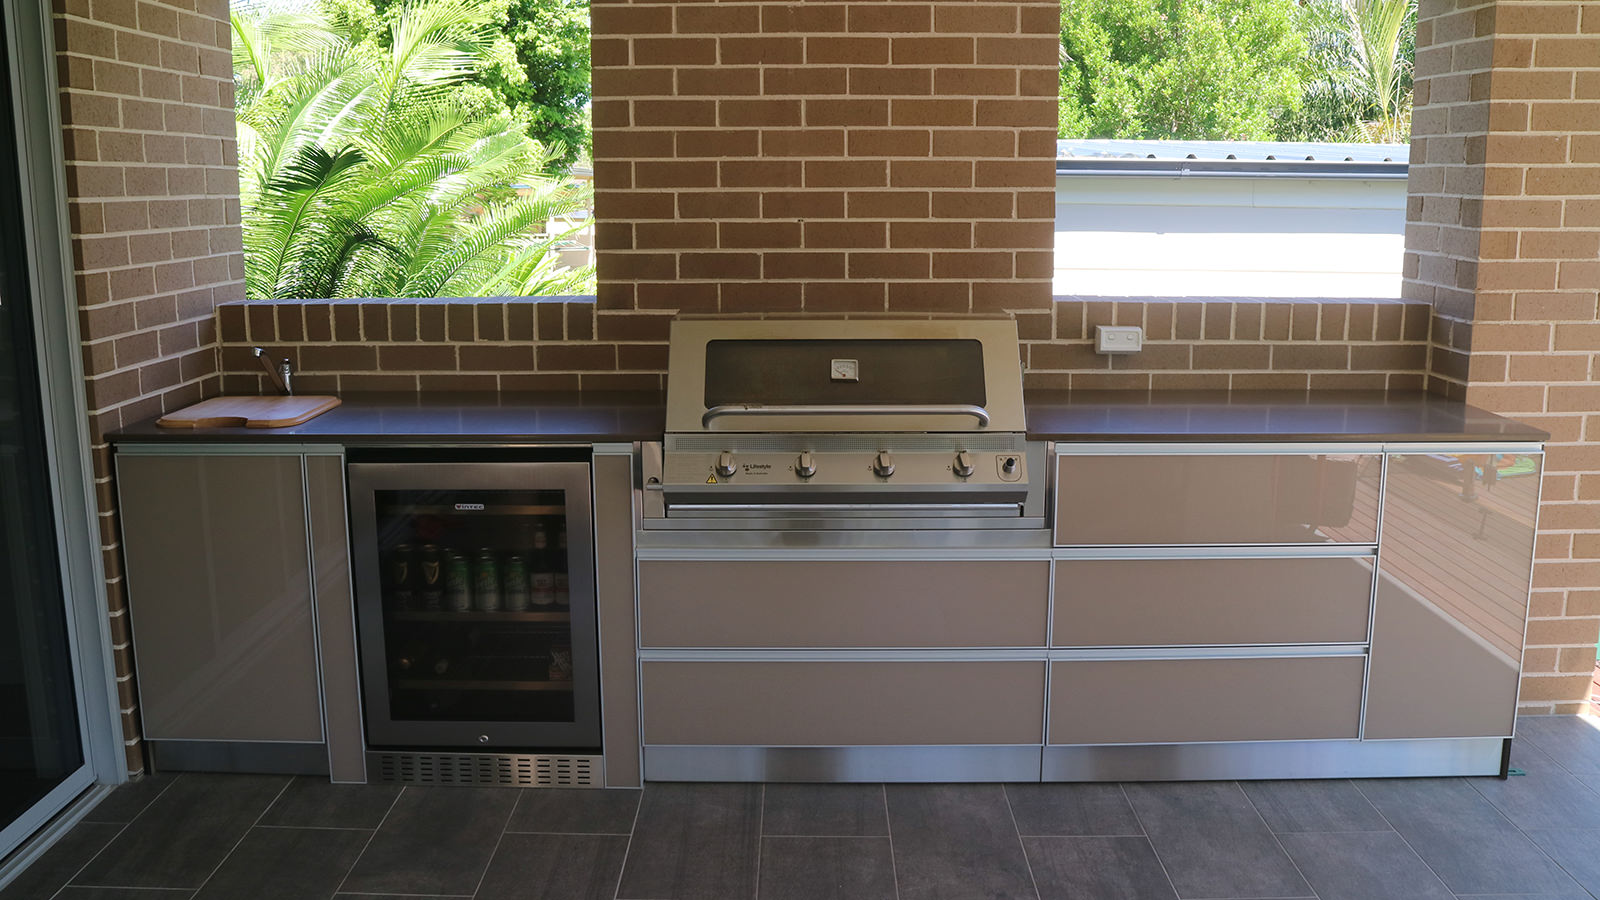 Five dock outdoor kitchen